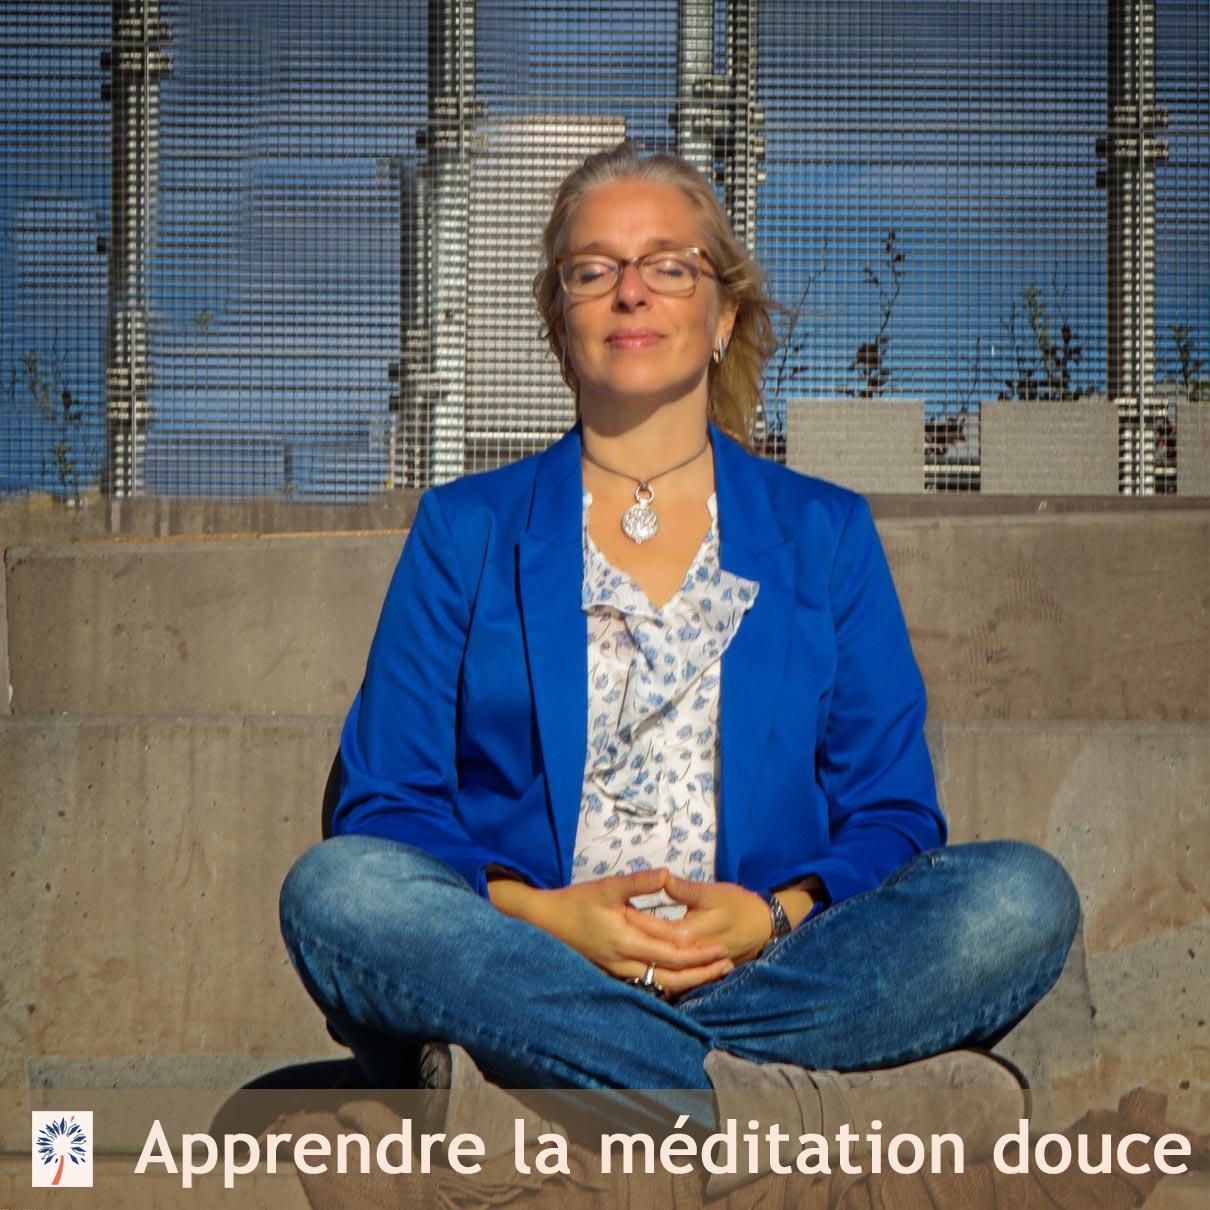 Apprendre la méditation douce à Belfort